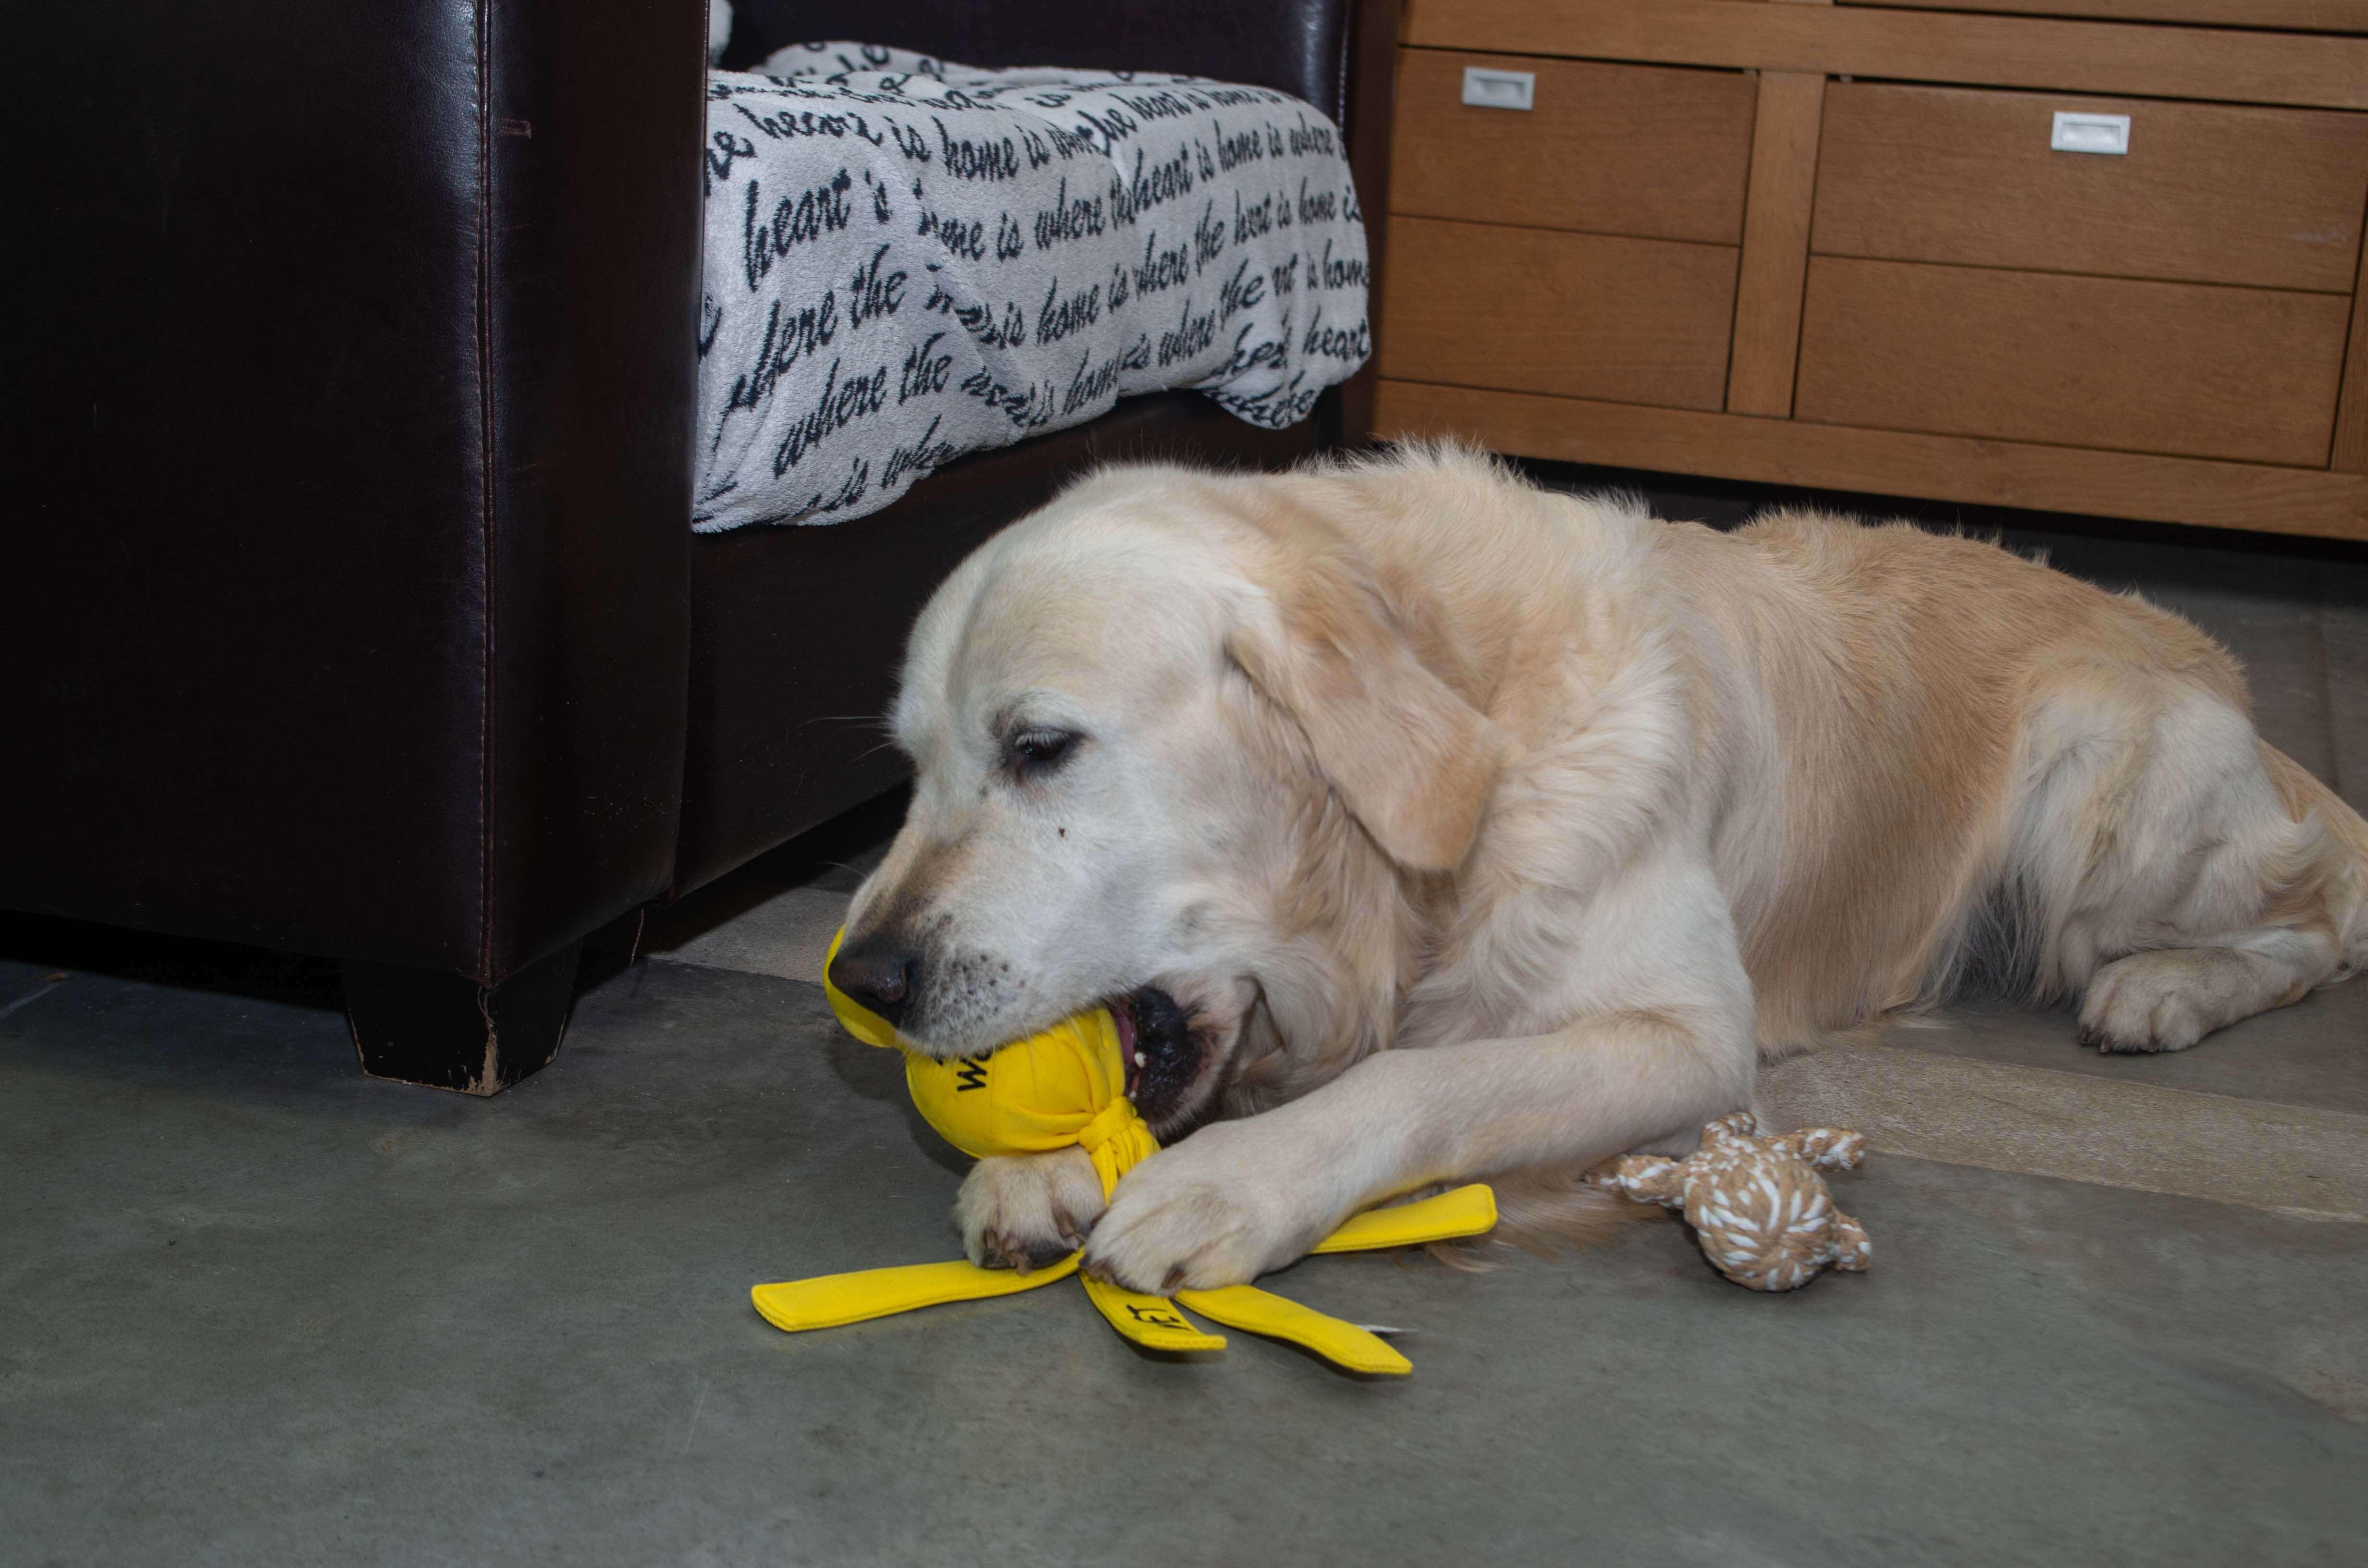 Hond die ligt te spelen met een speeltje.